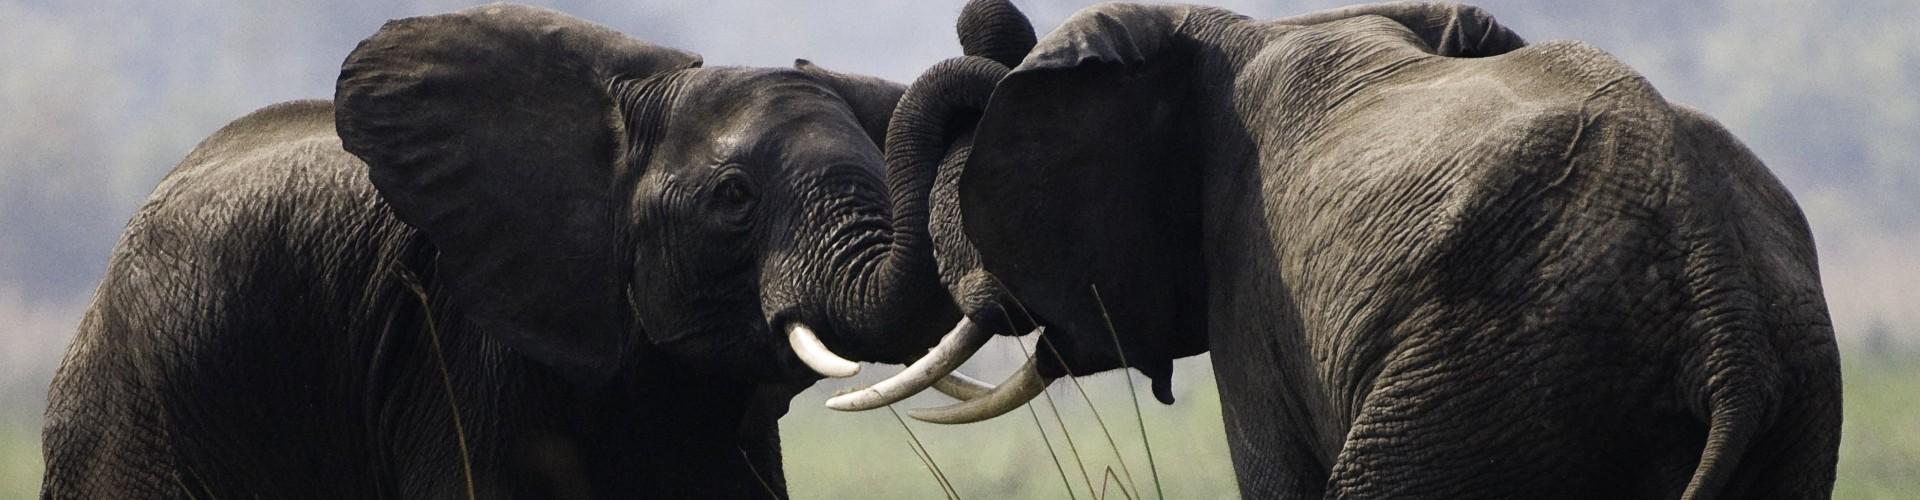 Young elephants playful challenge